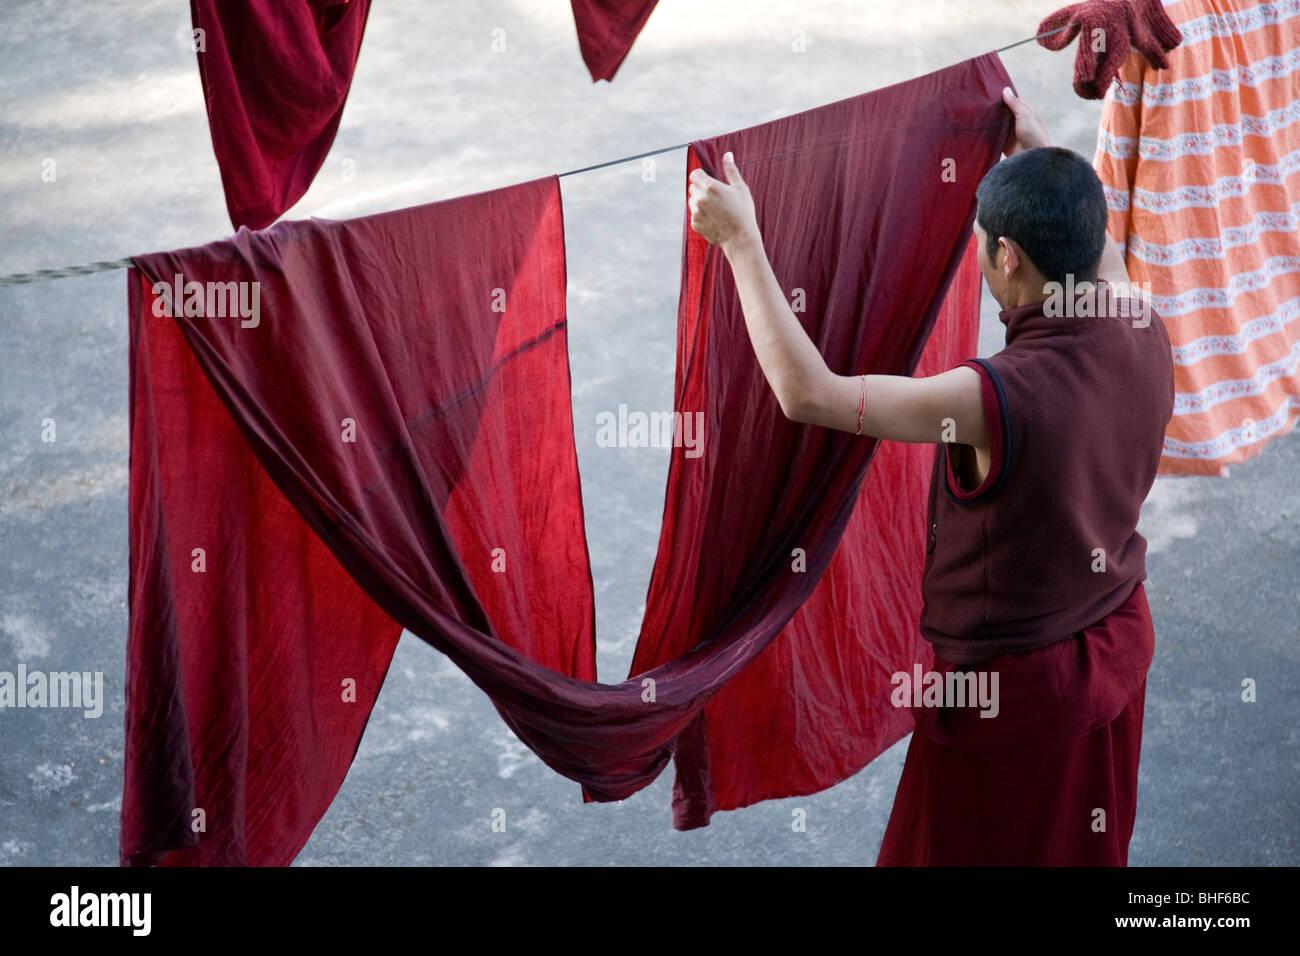 Buddhistischer Mönch, ein Gewand auf der Wäscheleine. McLeod Ganj. Dharamsala. Indien Stockbild